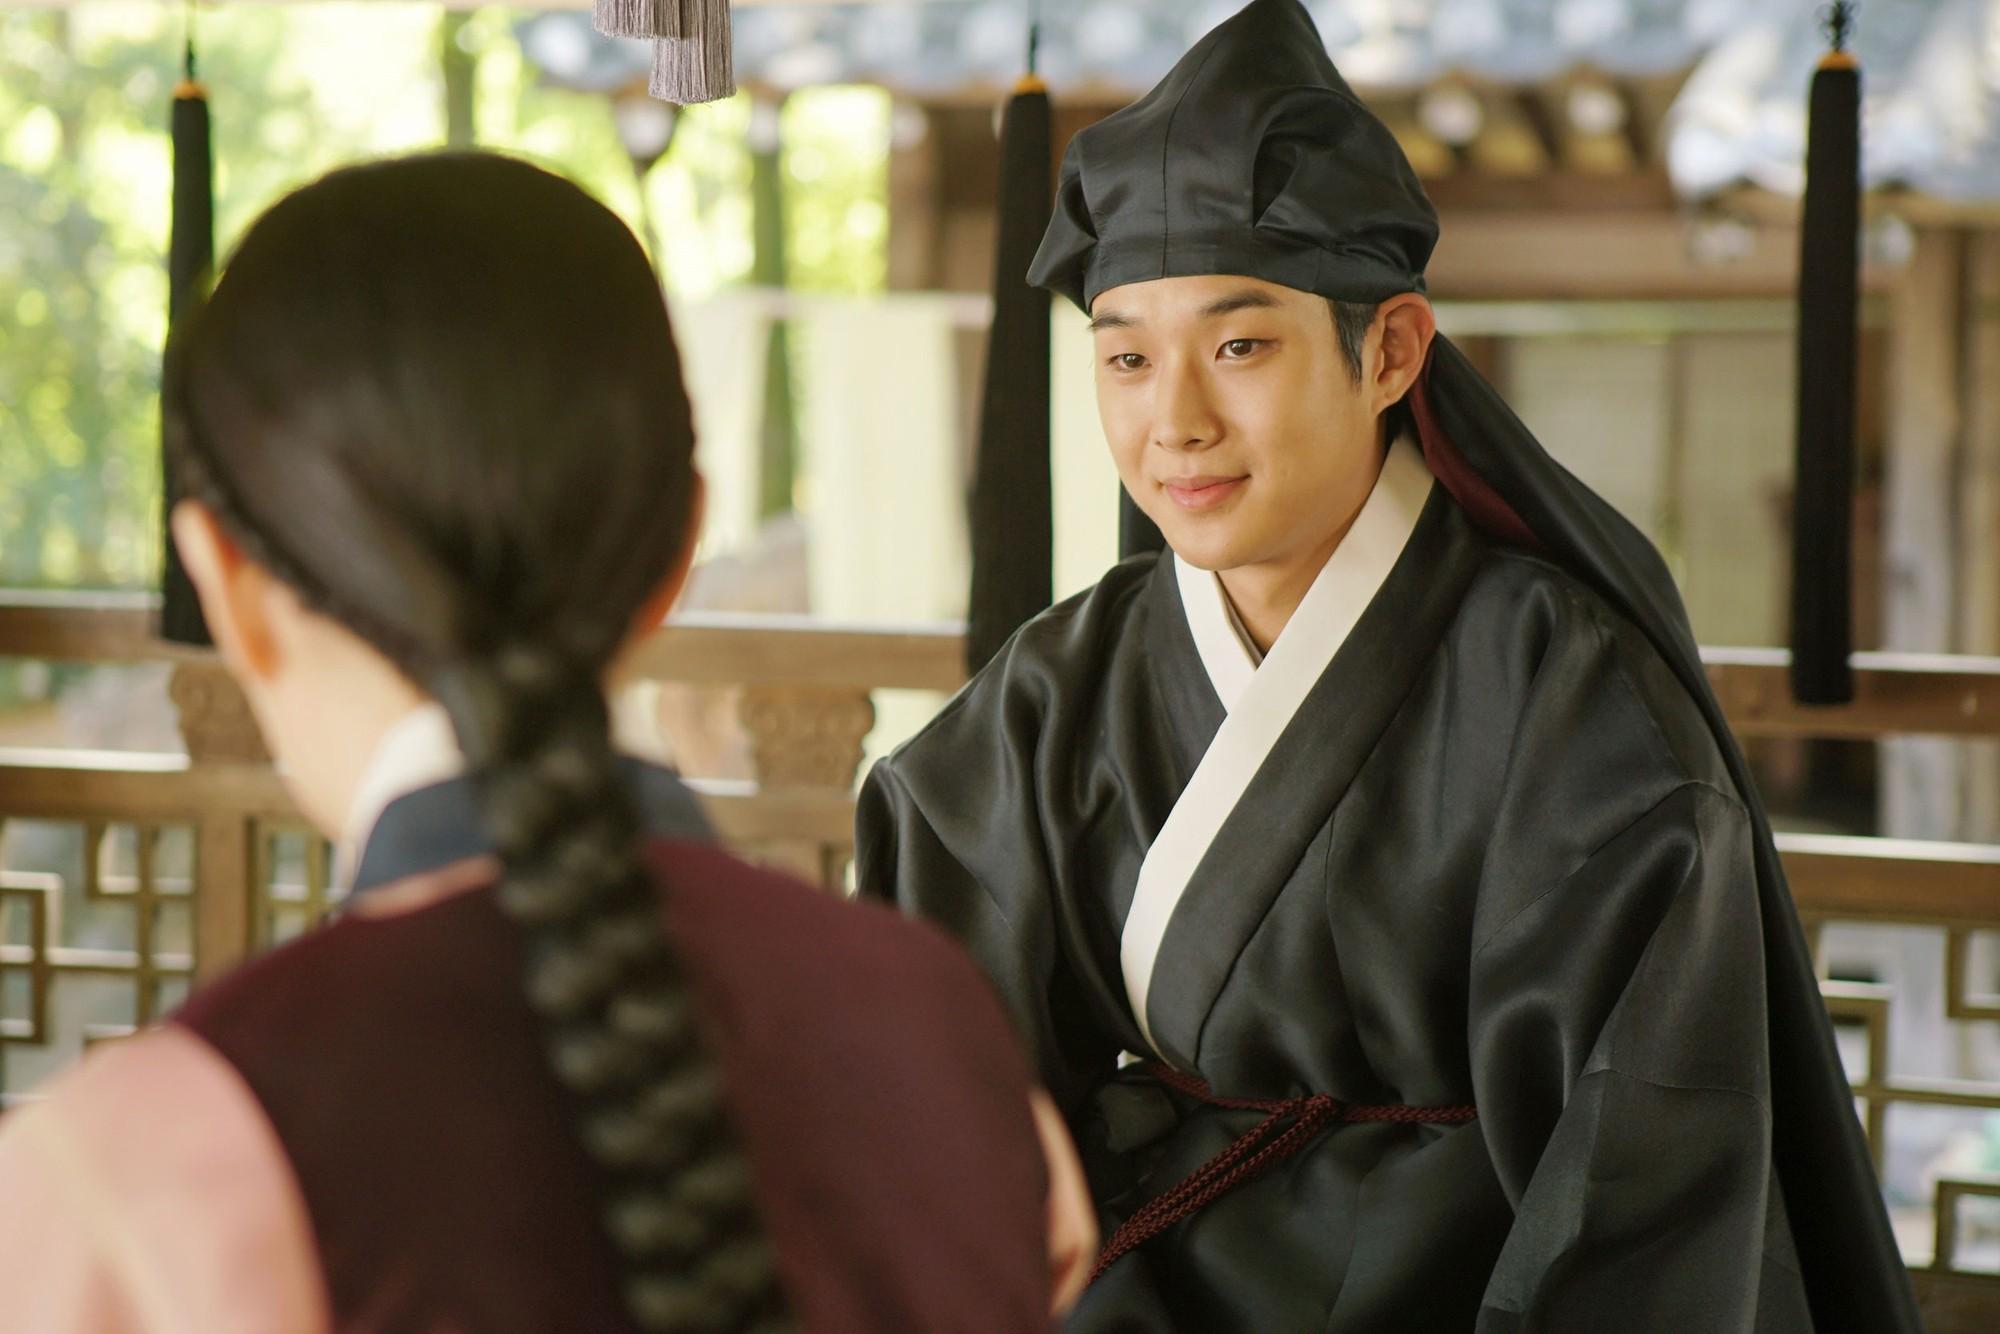 Phim mới của Lee Seung Gi: Khi con rể quốc dân cũng flop dập mặt vì quá thiếu muối - Ảnh 7.